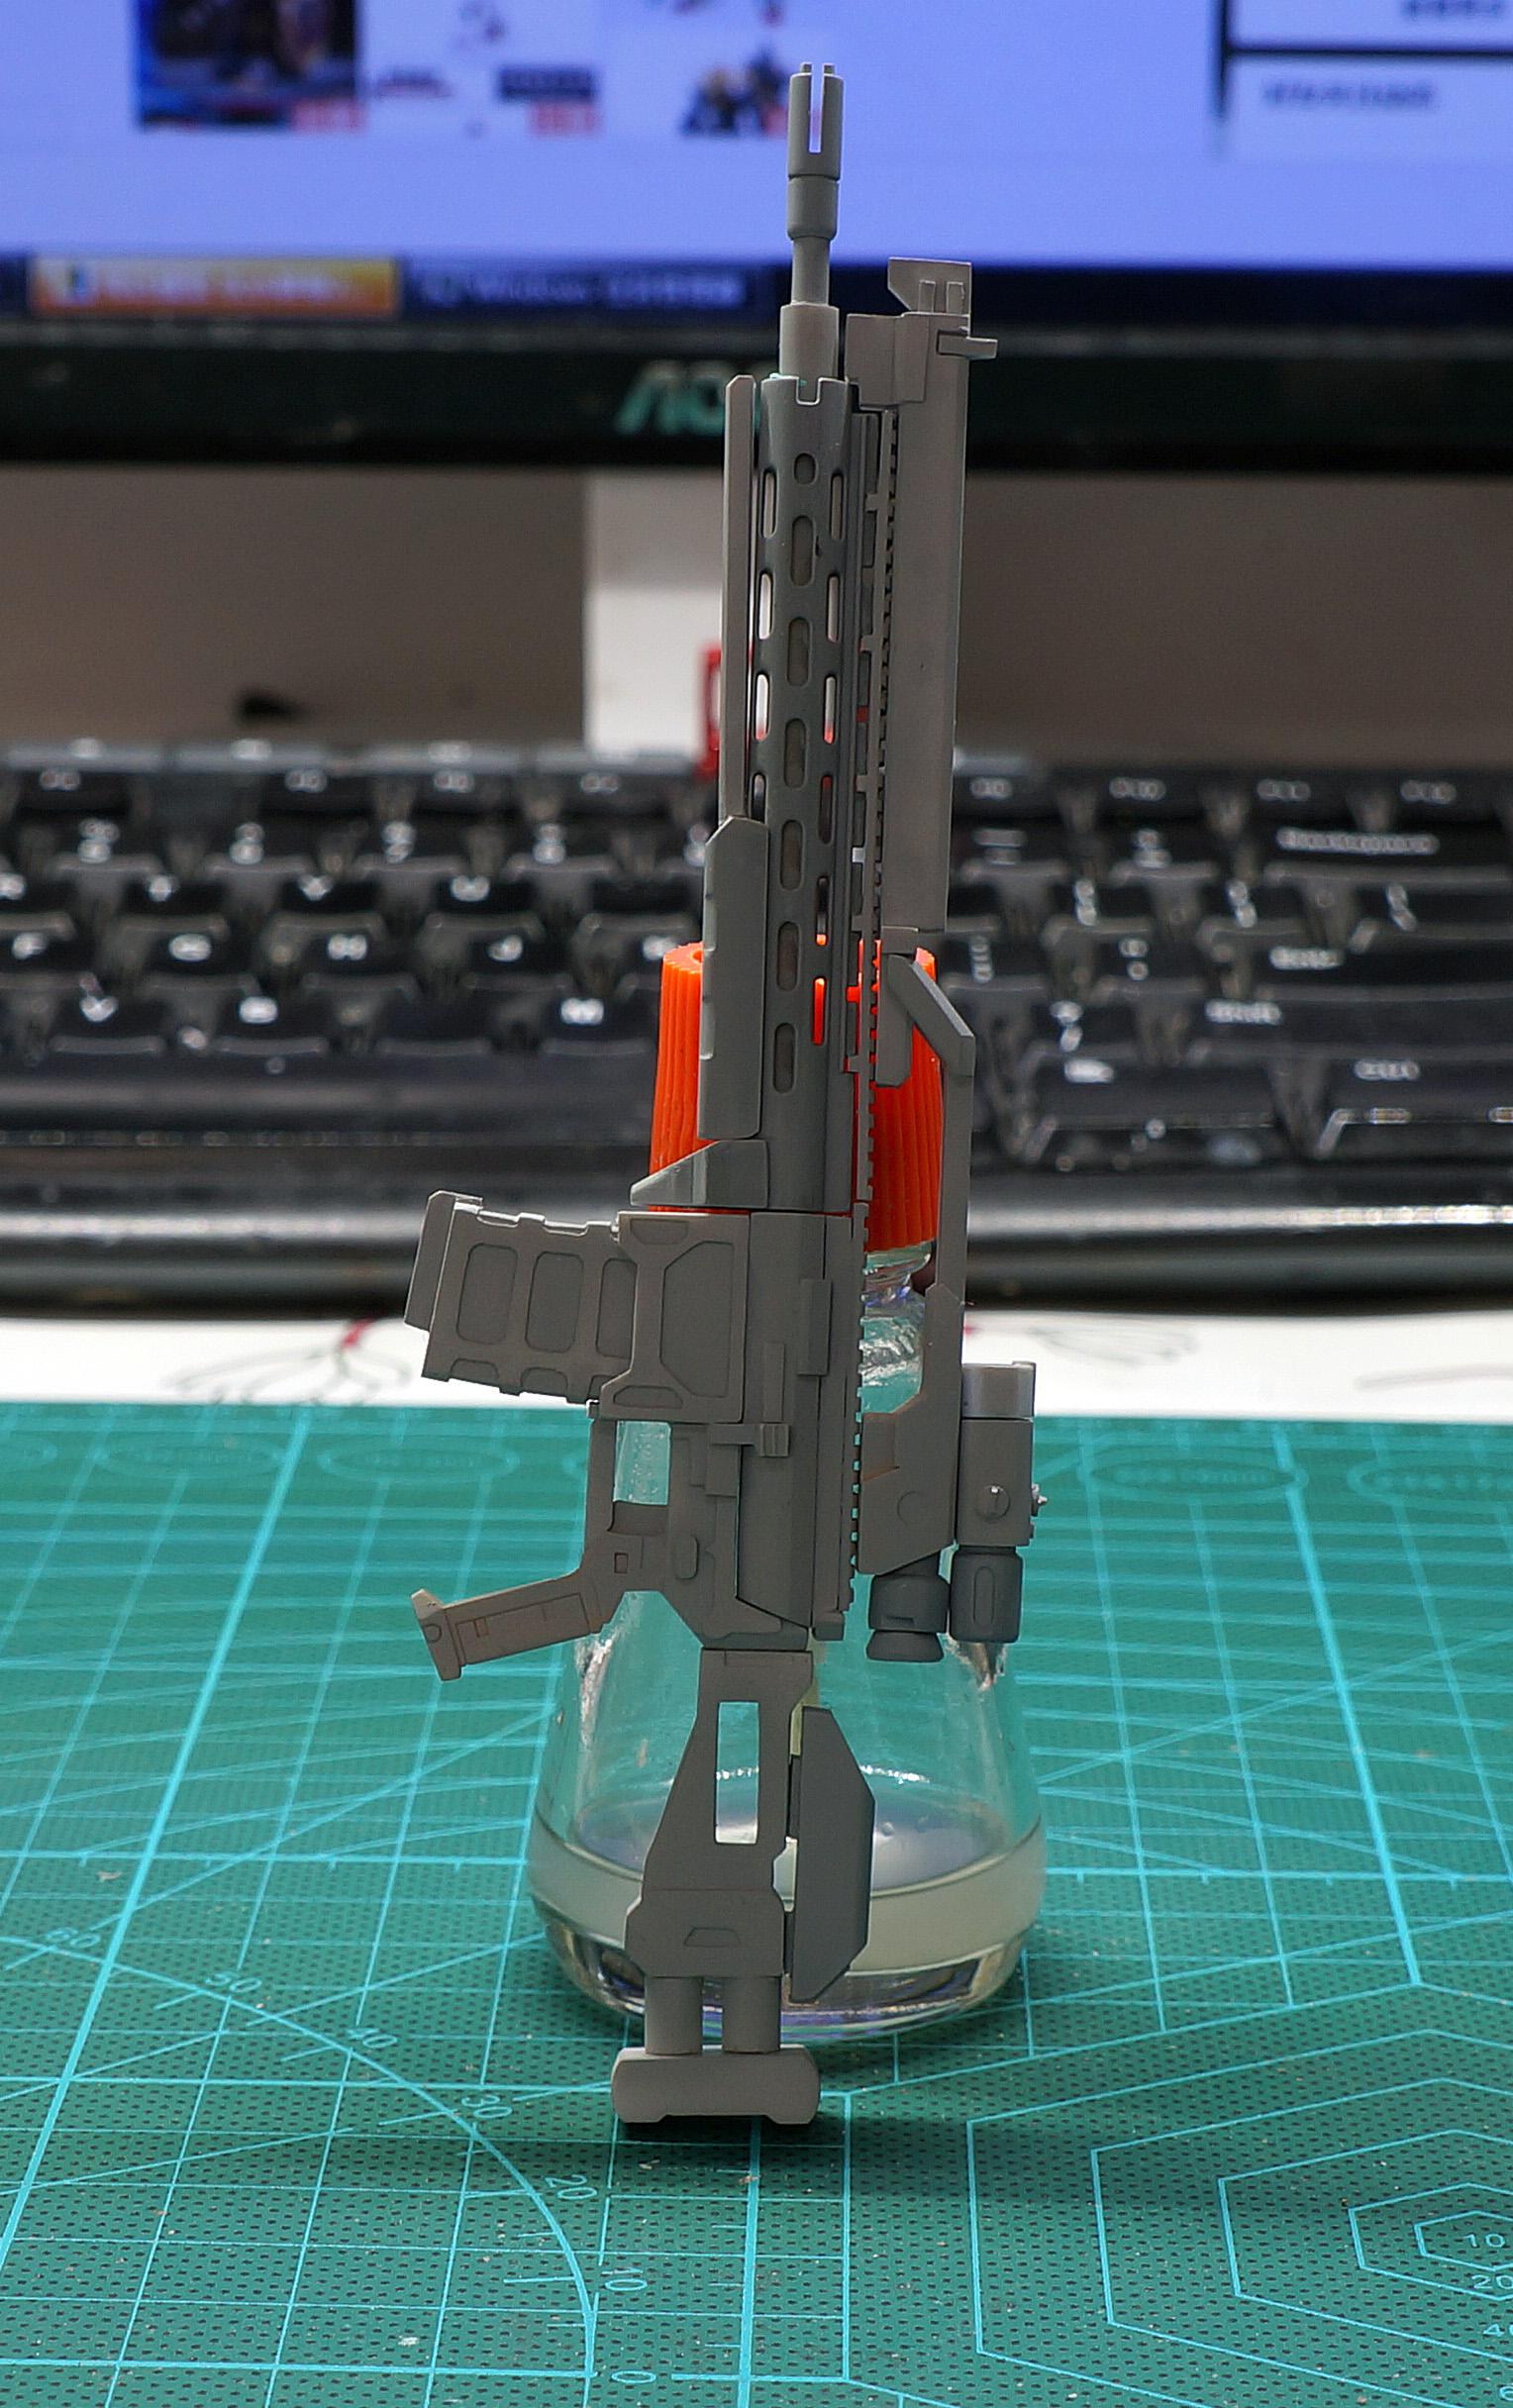 G261_sniper_inask_025.jpg